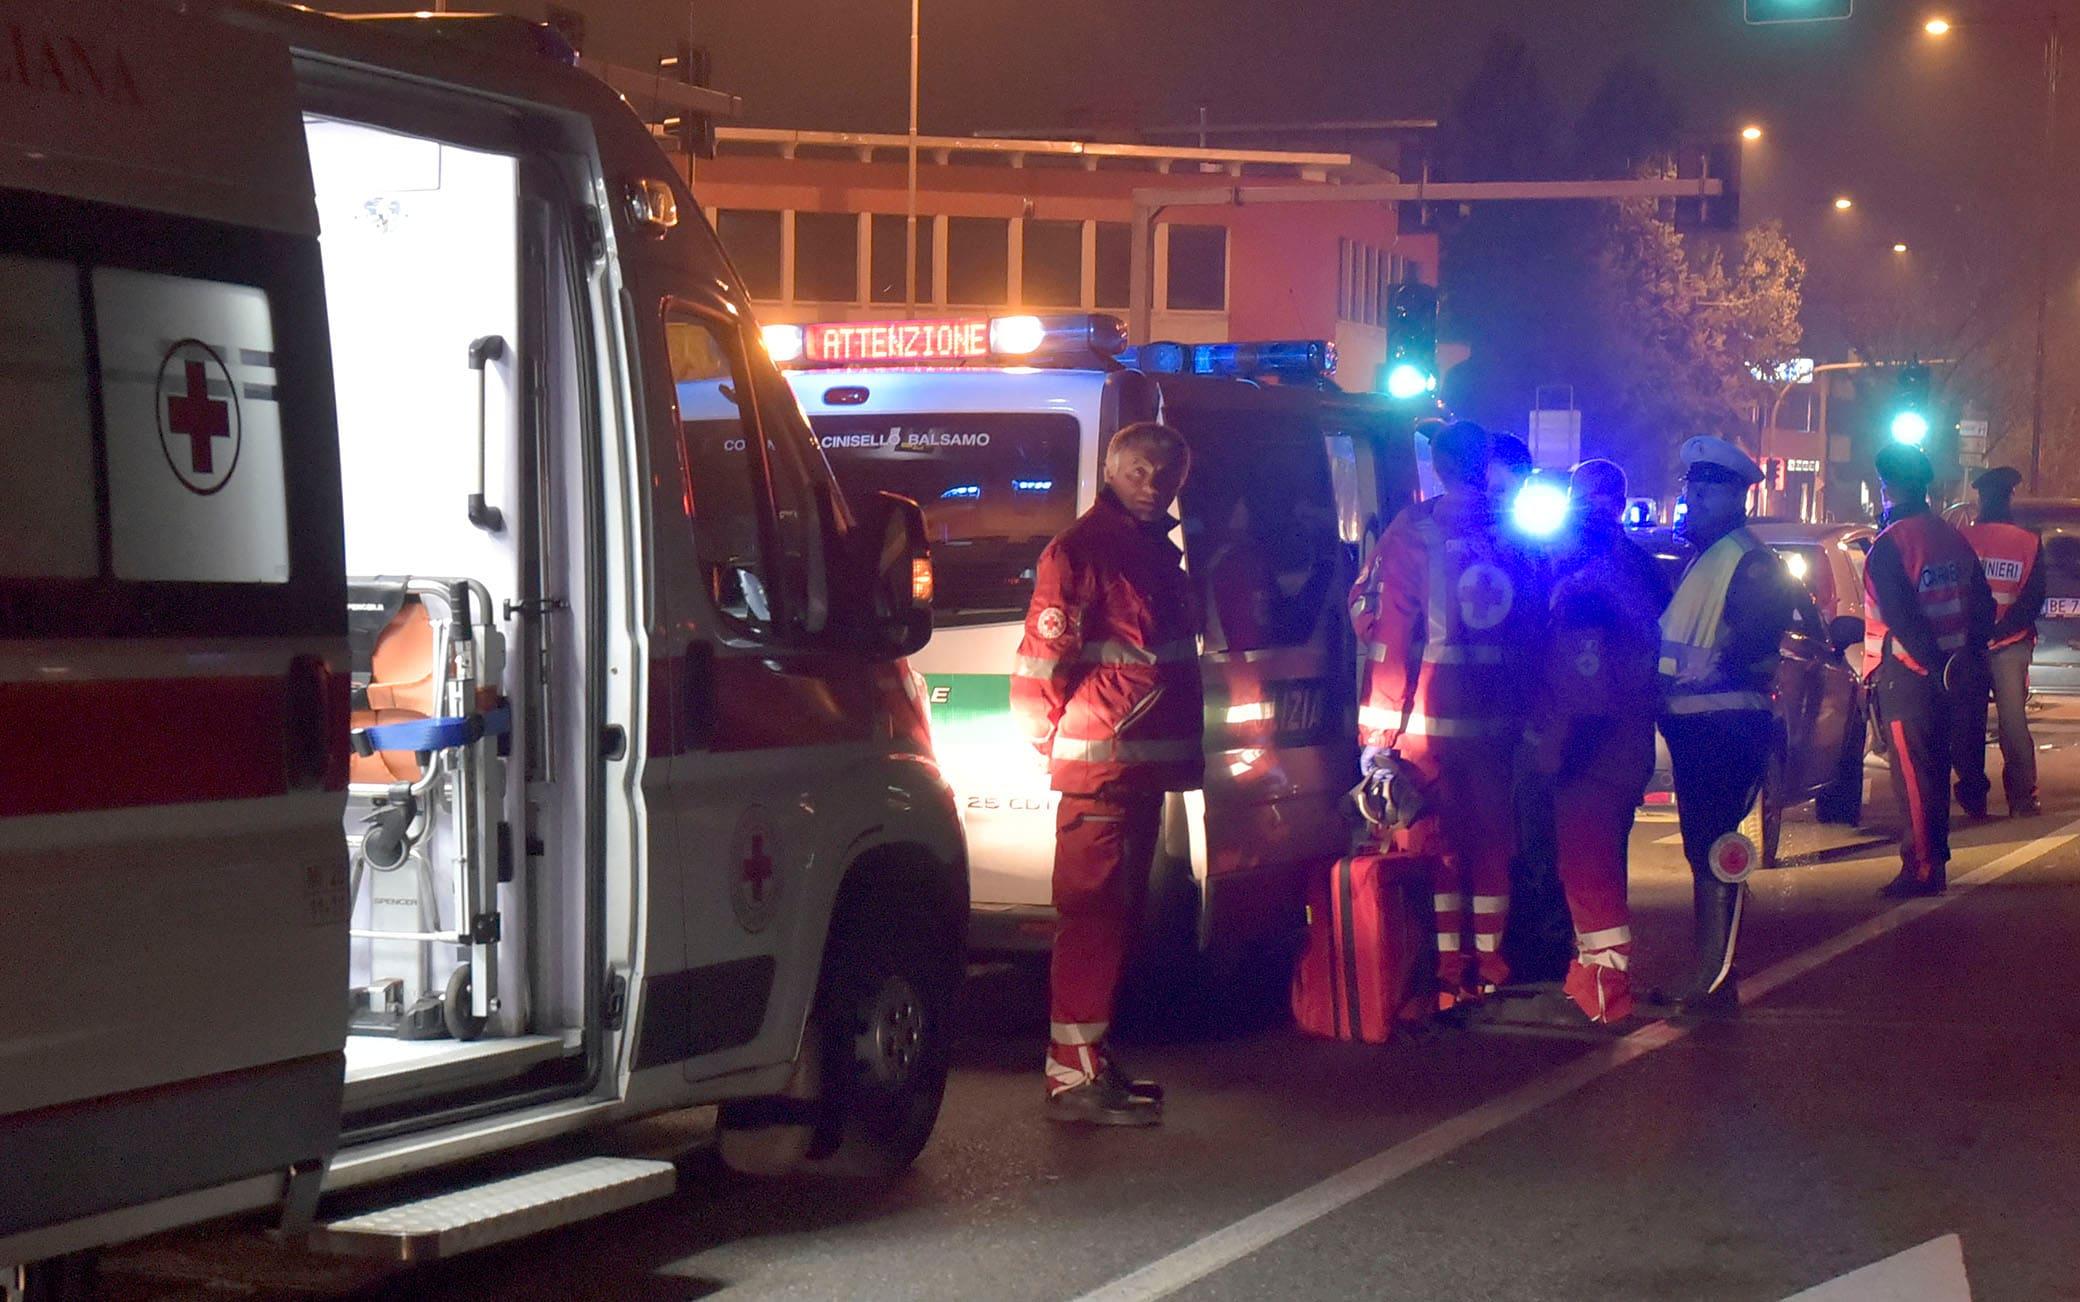 incidente stradale senago (foto di repertorio) - per edizione metropoli/pincioni - 18 luglio 2021 - foto spf/ansa